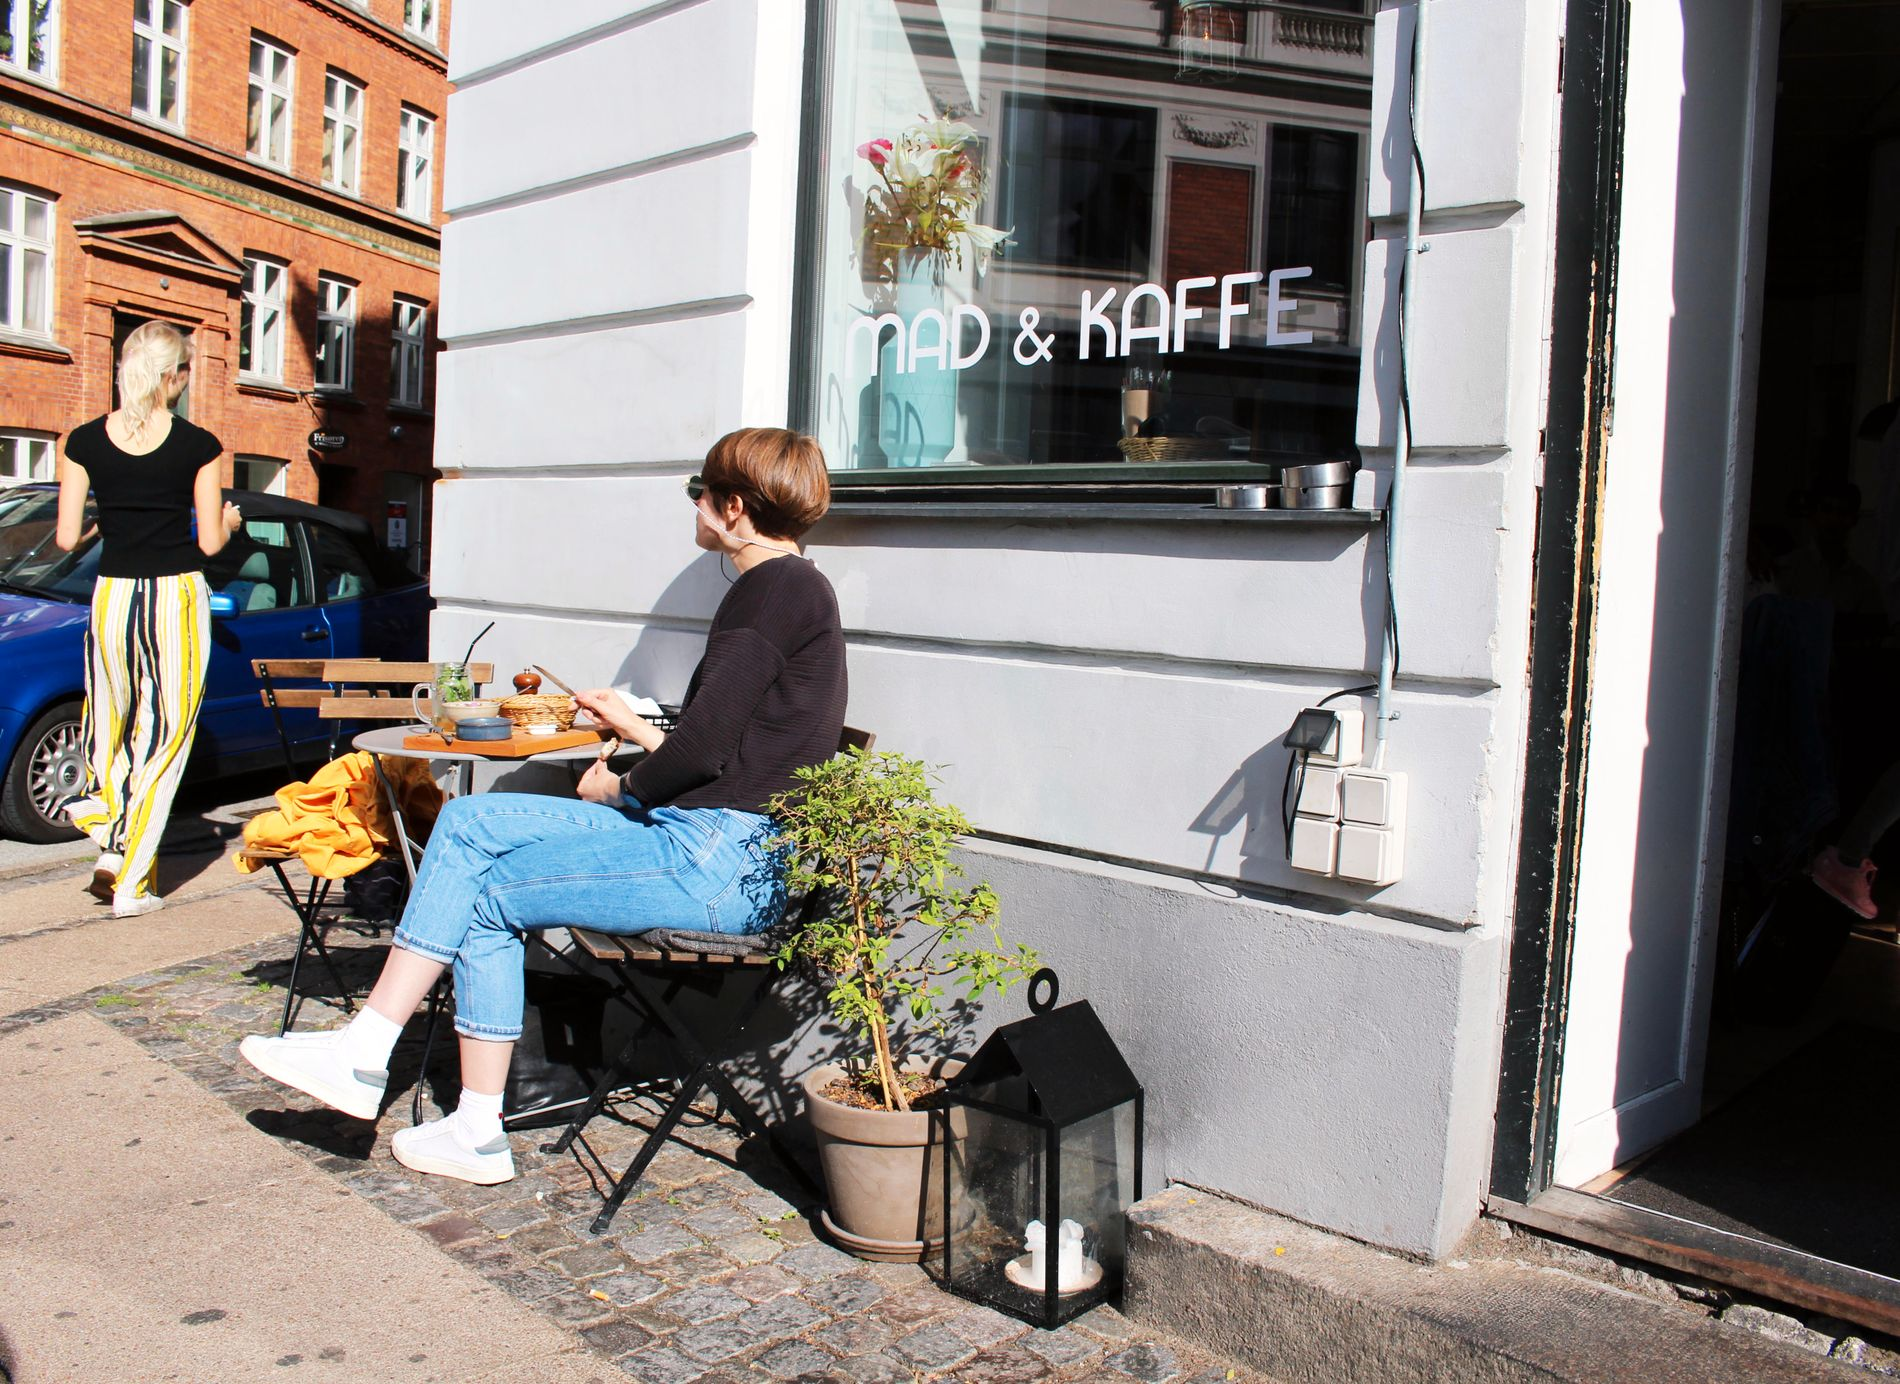 KAFÉ PÅ HJØRNET: Mad og Kaffe er kåret til en av de beste kafeene i København – velkjent for sin gode kaffe og mat.